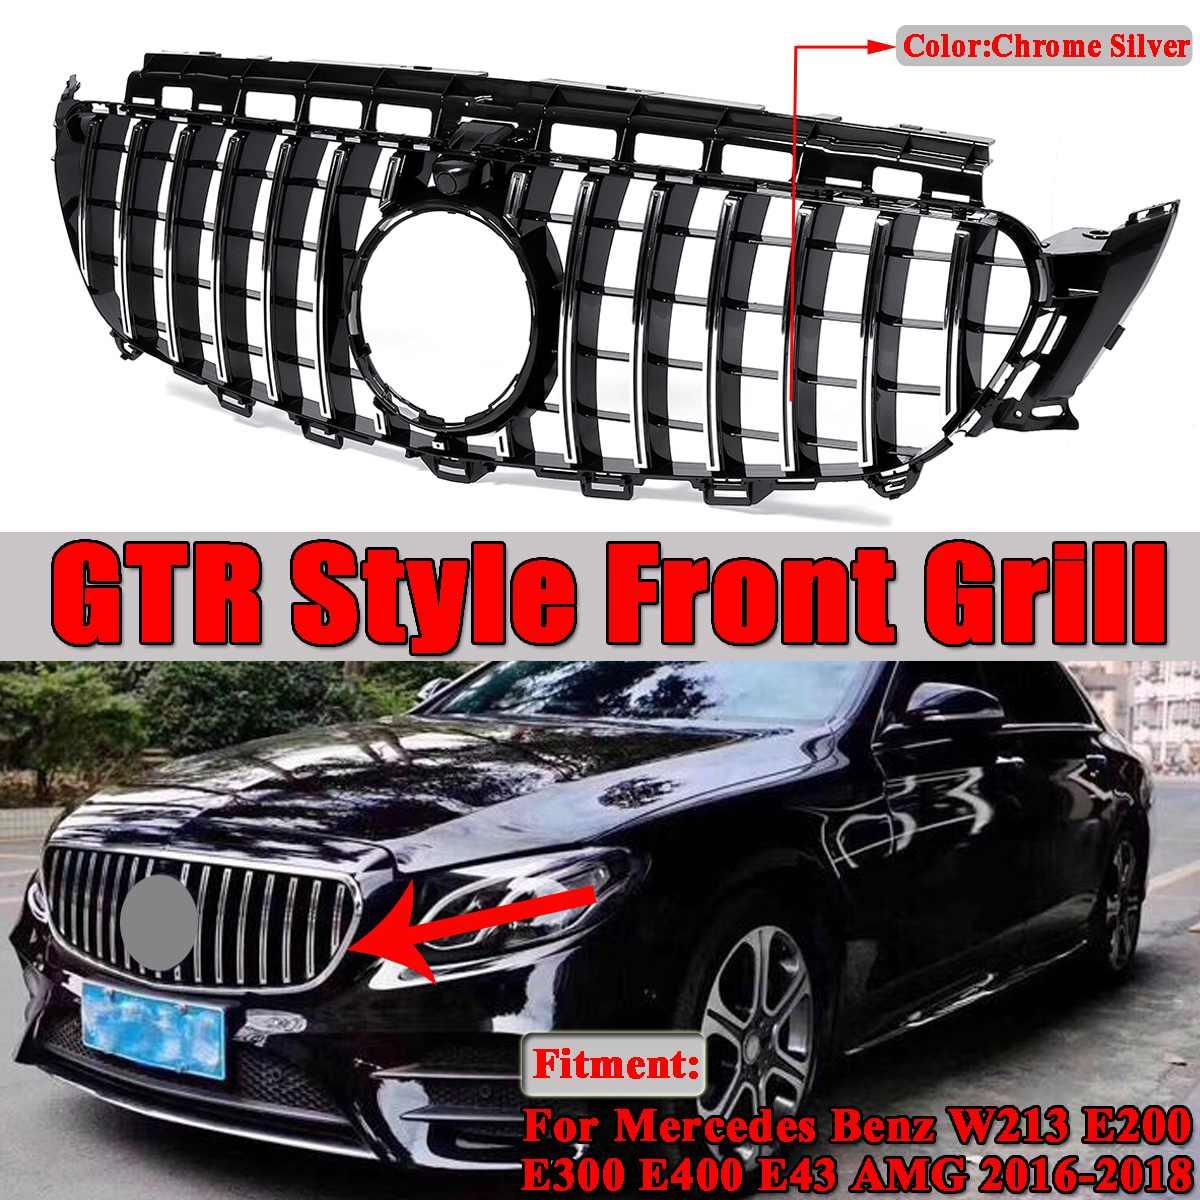 1x GT R/styl diamentu W213 Grlil samochodu przedni grill dla Mercedes Benz W213 E200 E300 E400 E43 dla AMG 2016 2017 2018 2019